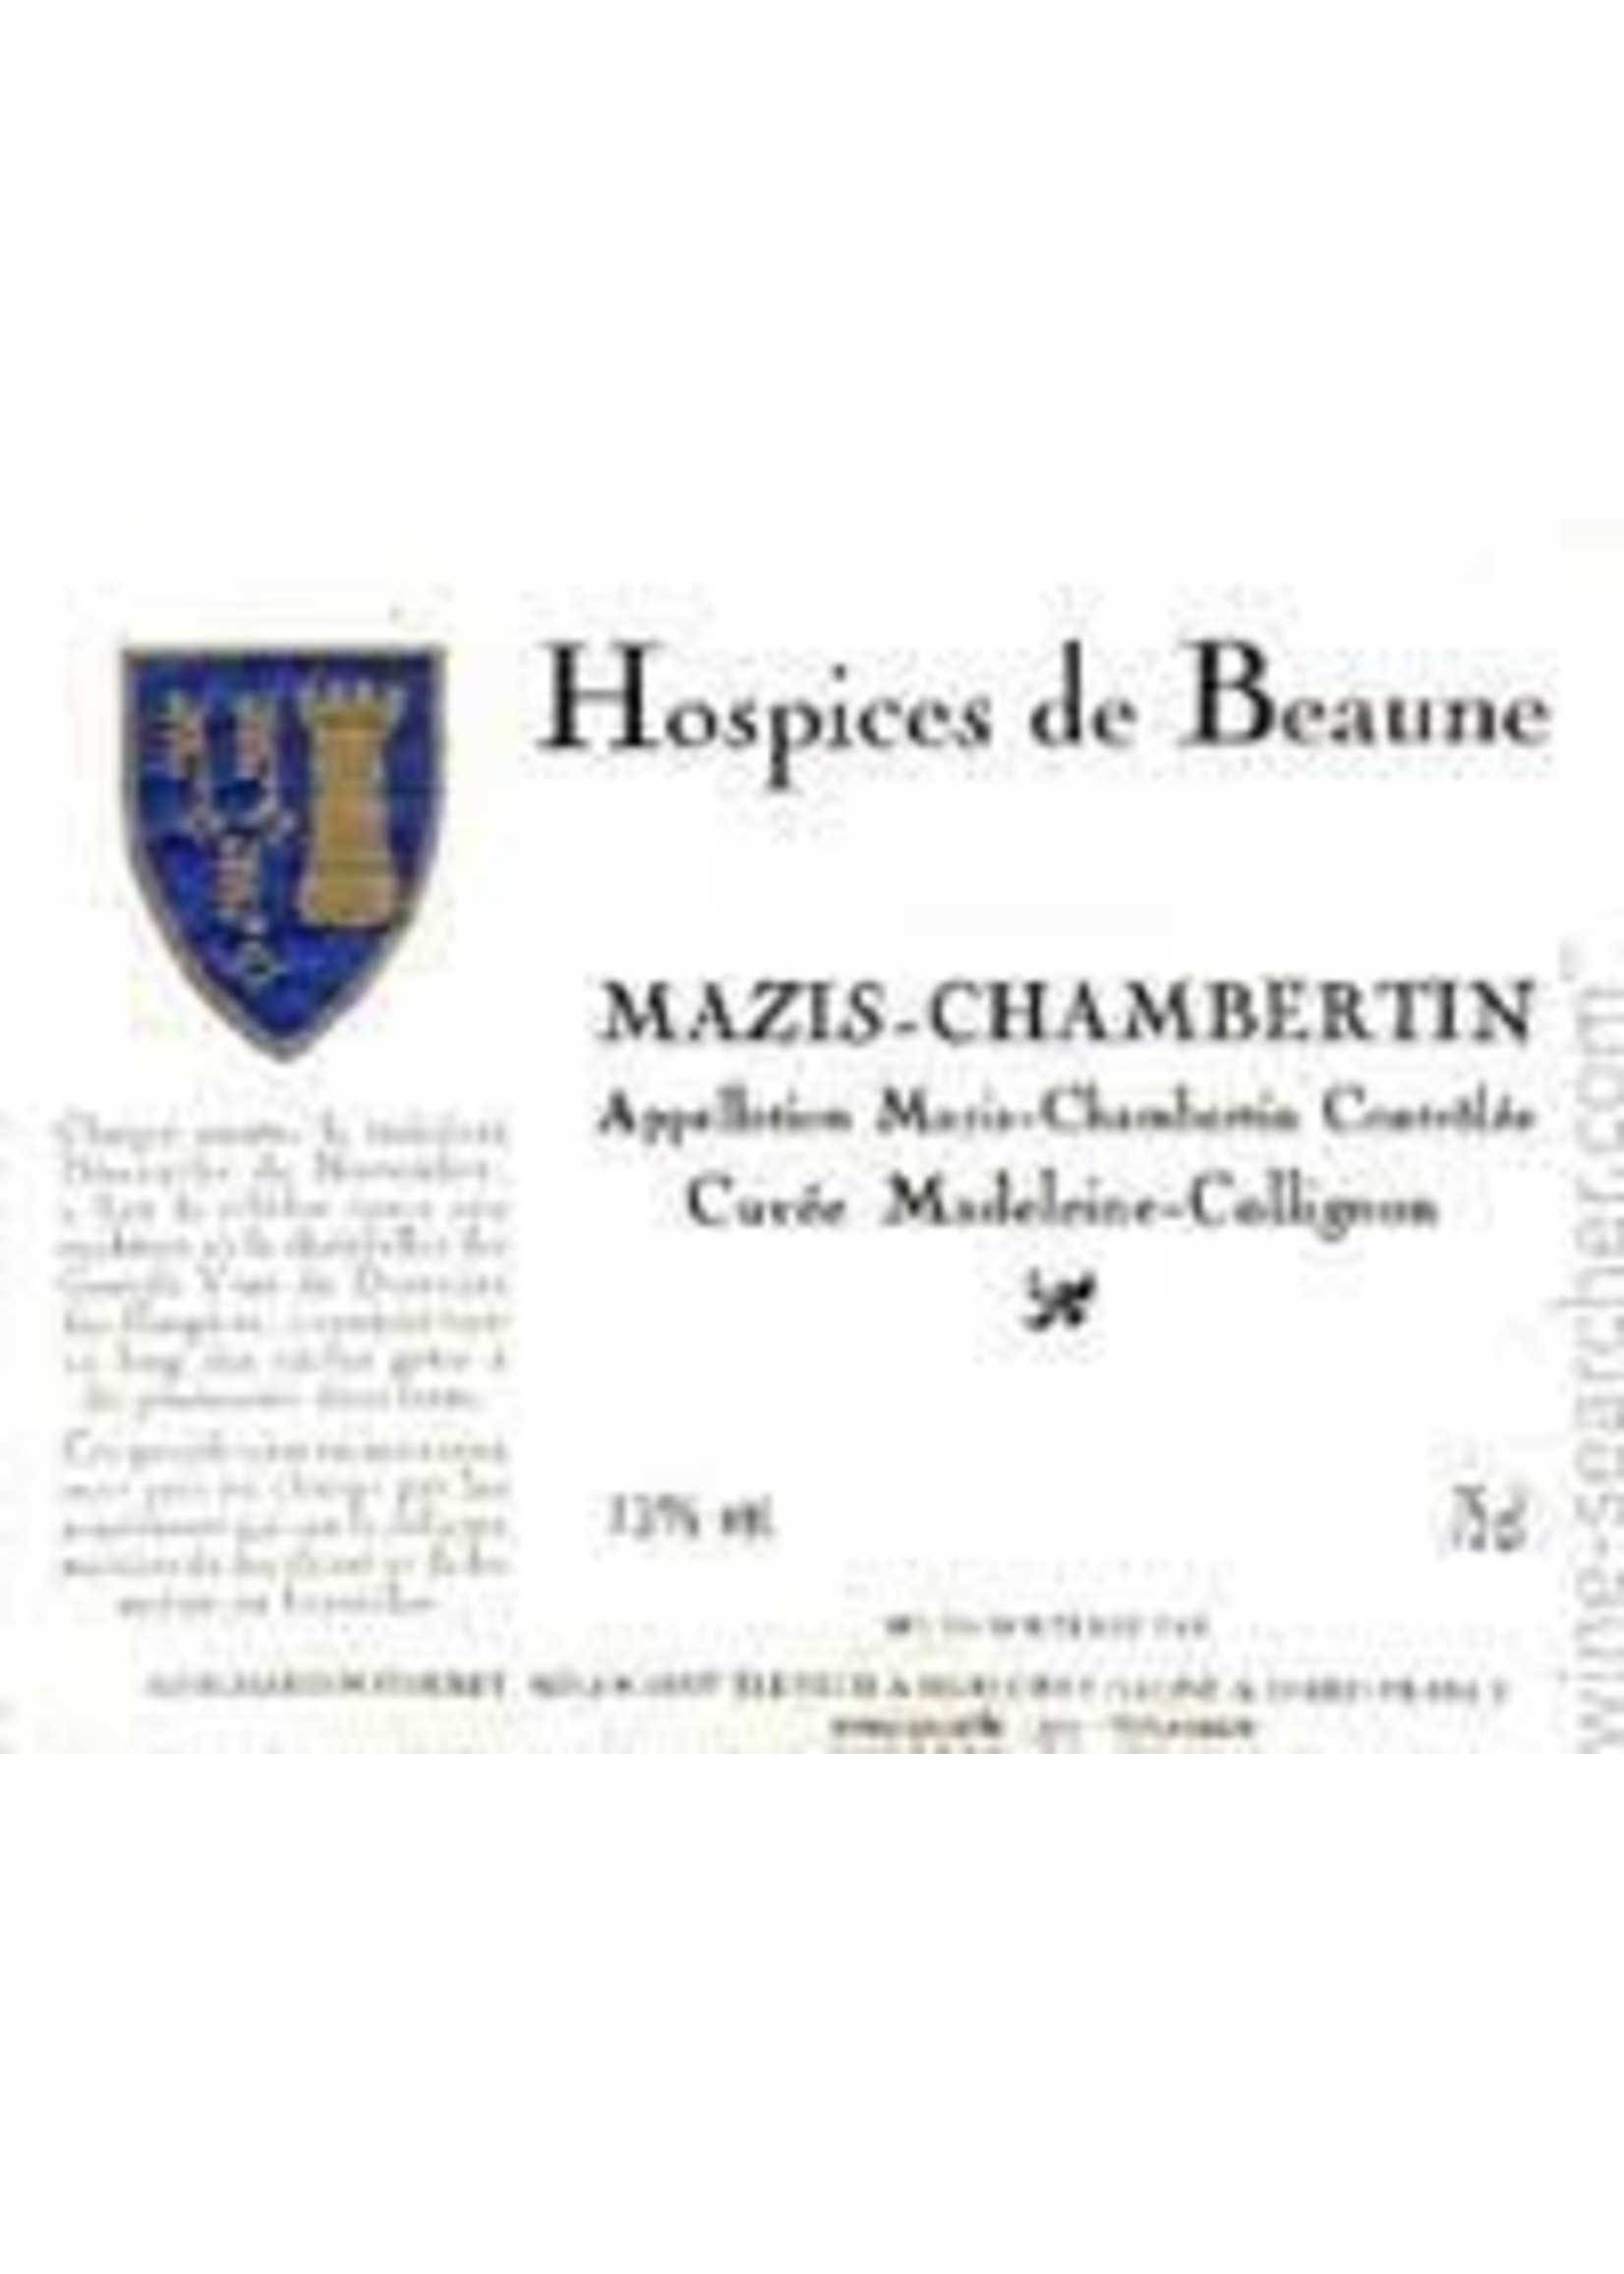 Hospices de Beaune (J.F. Mugnier) 2005 Mazis Chambertin Grand Cru Cuvee Madeleine Collignon 1.5L [PRE-ARRIVAL]